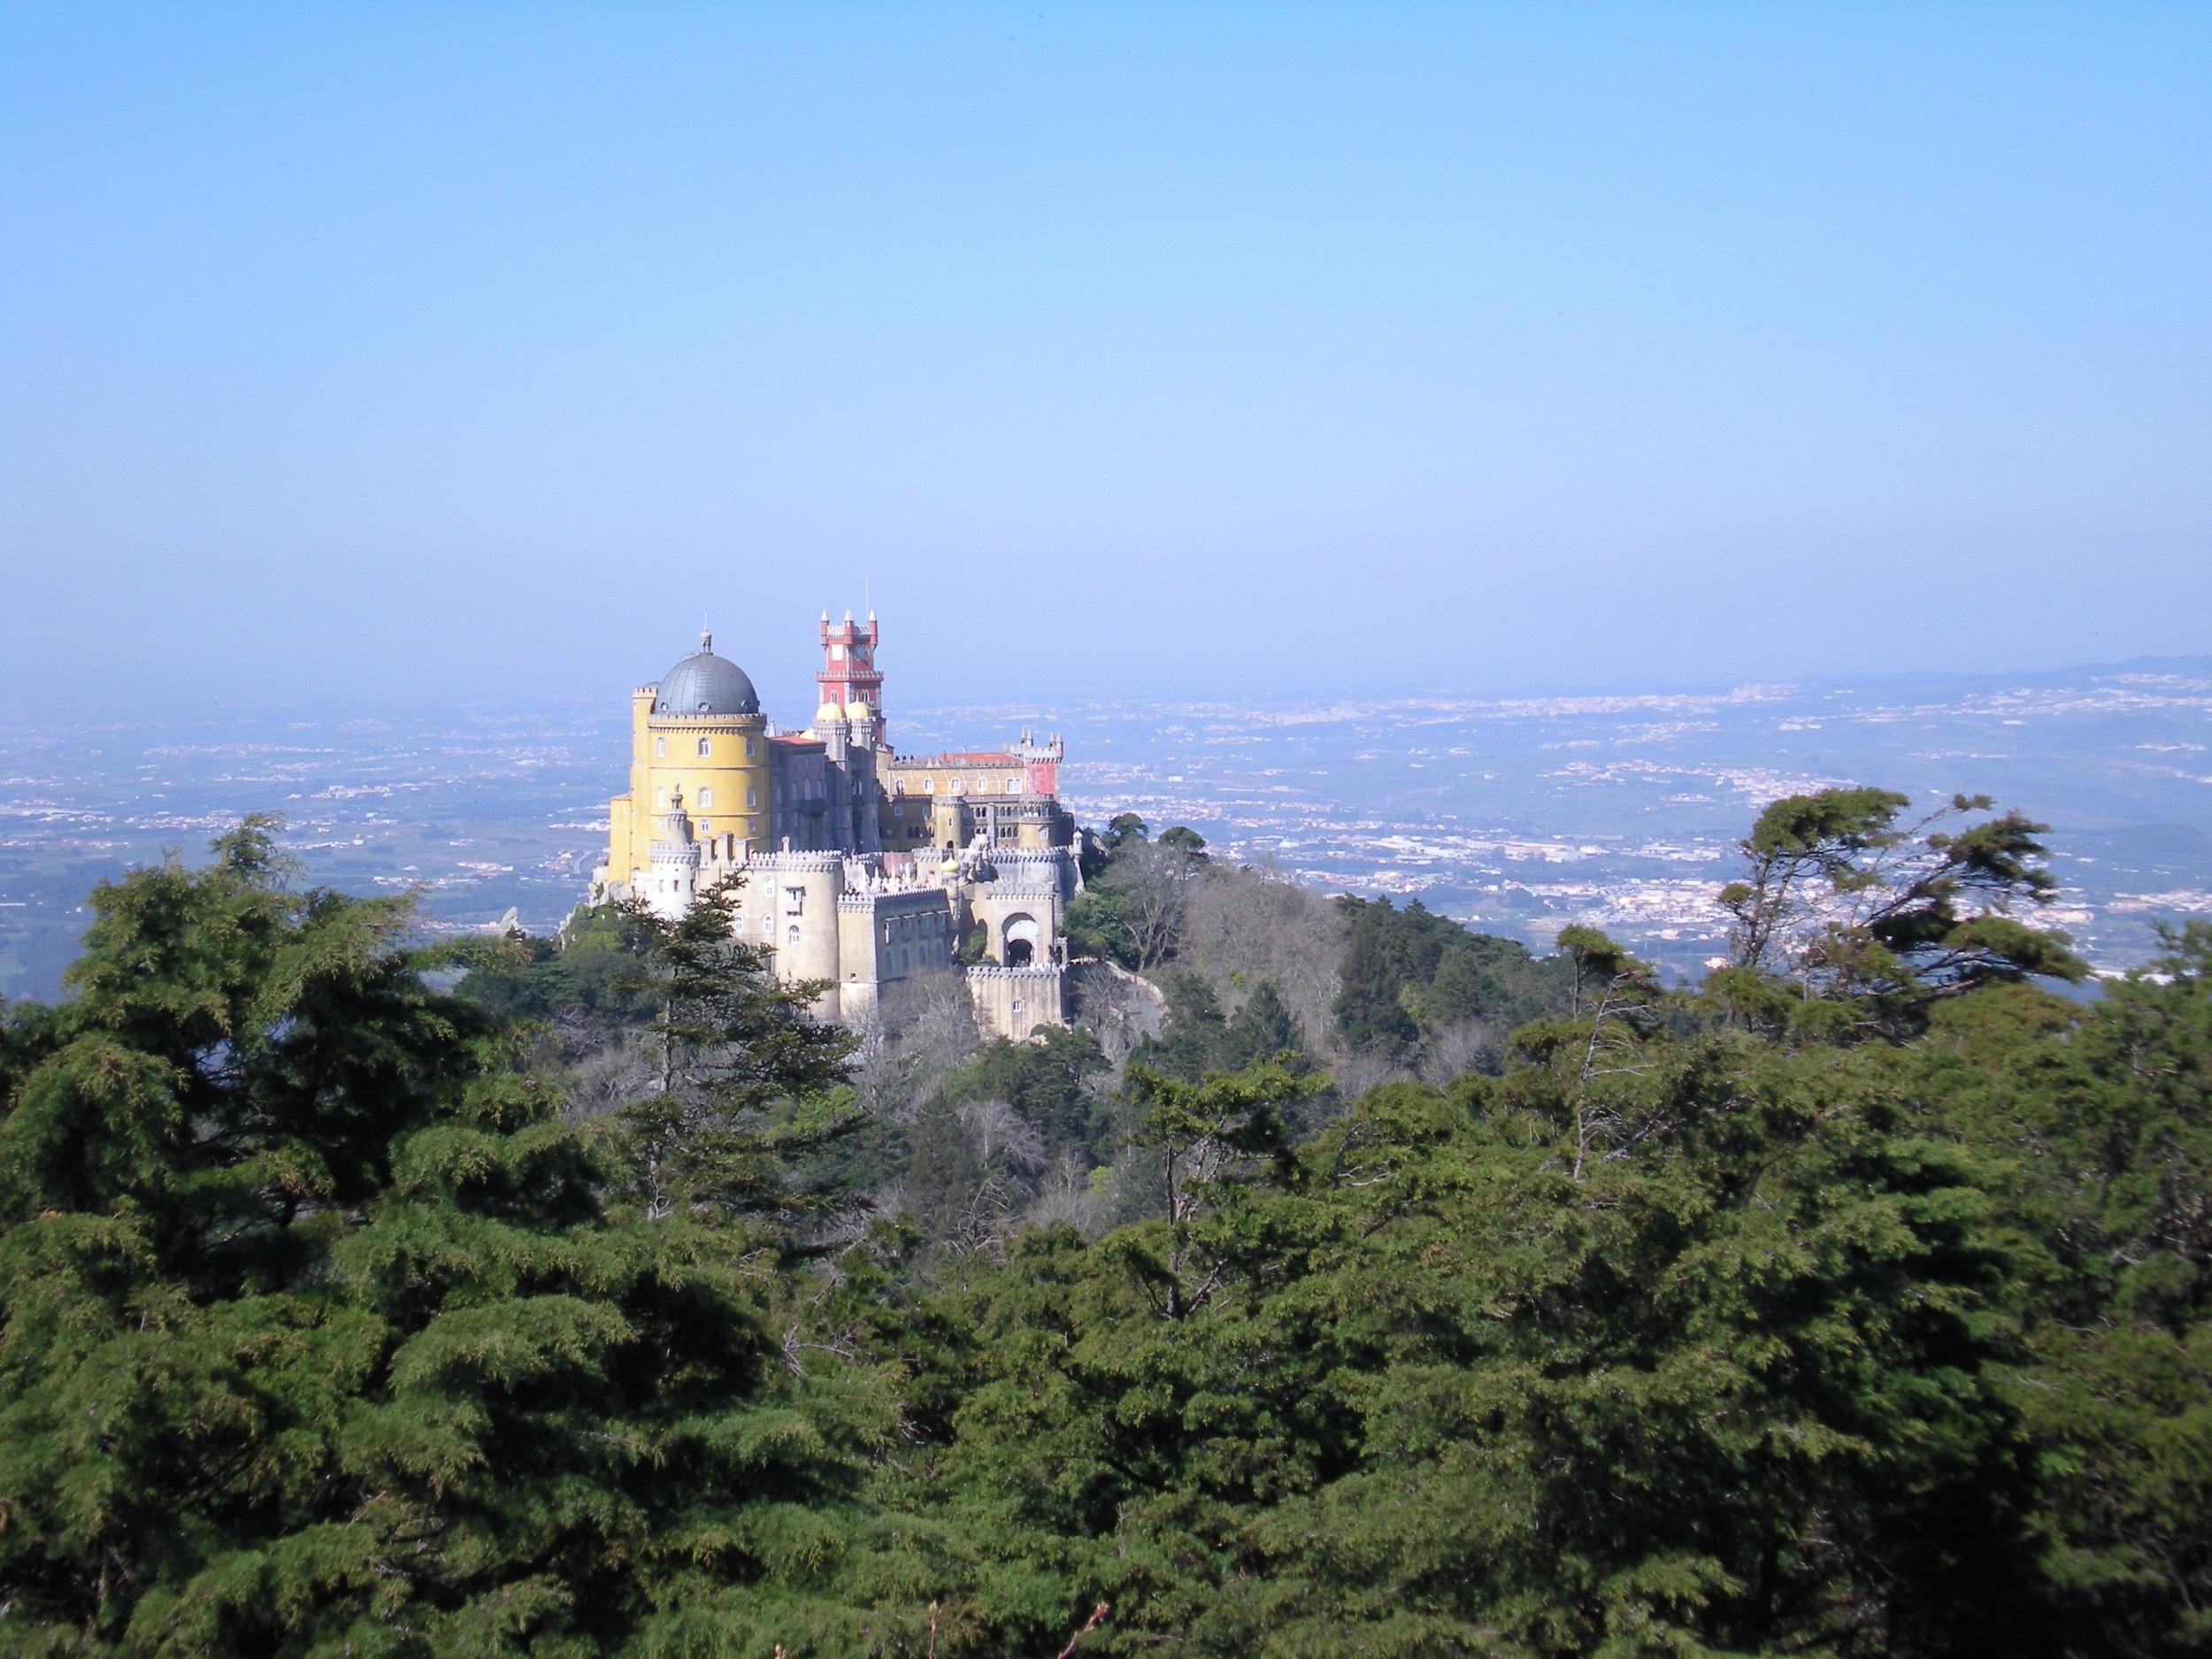 Palacio Pena, Sintra, Portugal